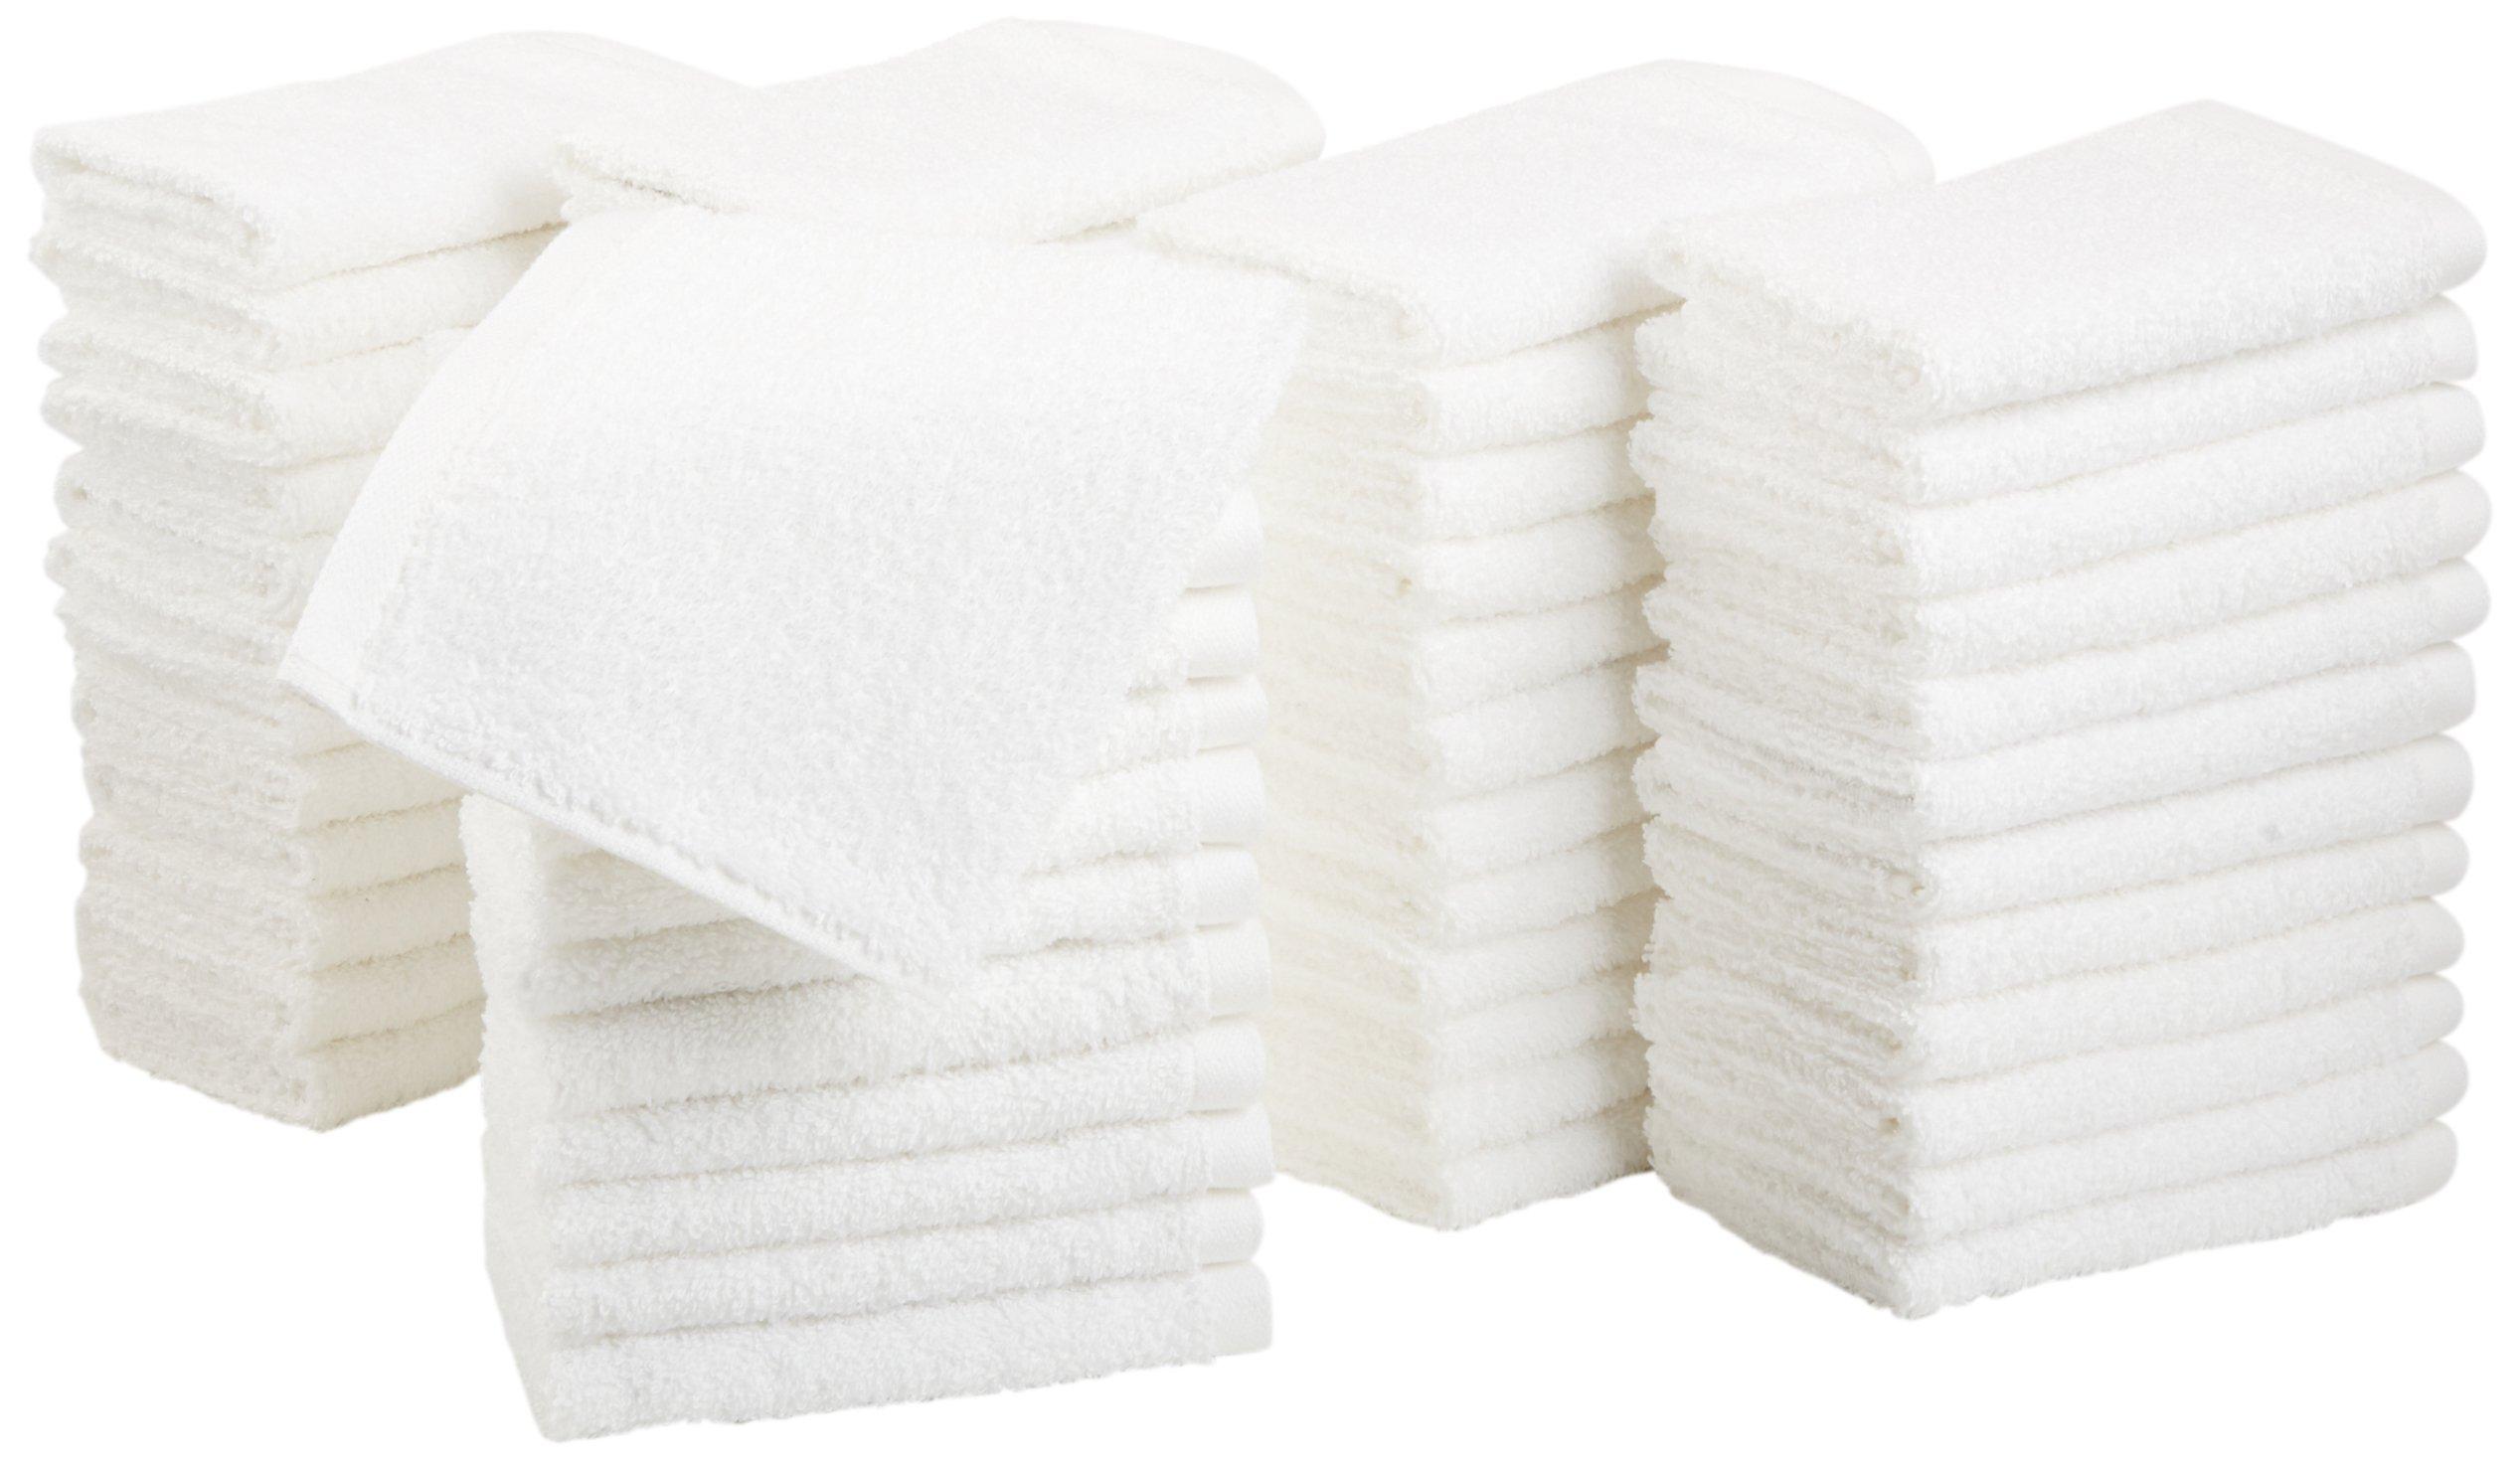 AmazonBasics Cotton Washcloths - 60-Pack